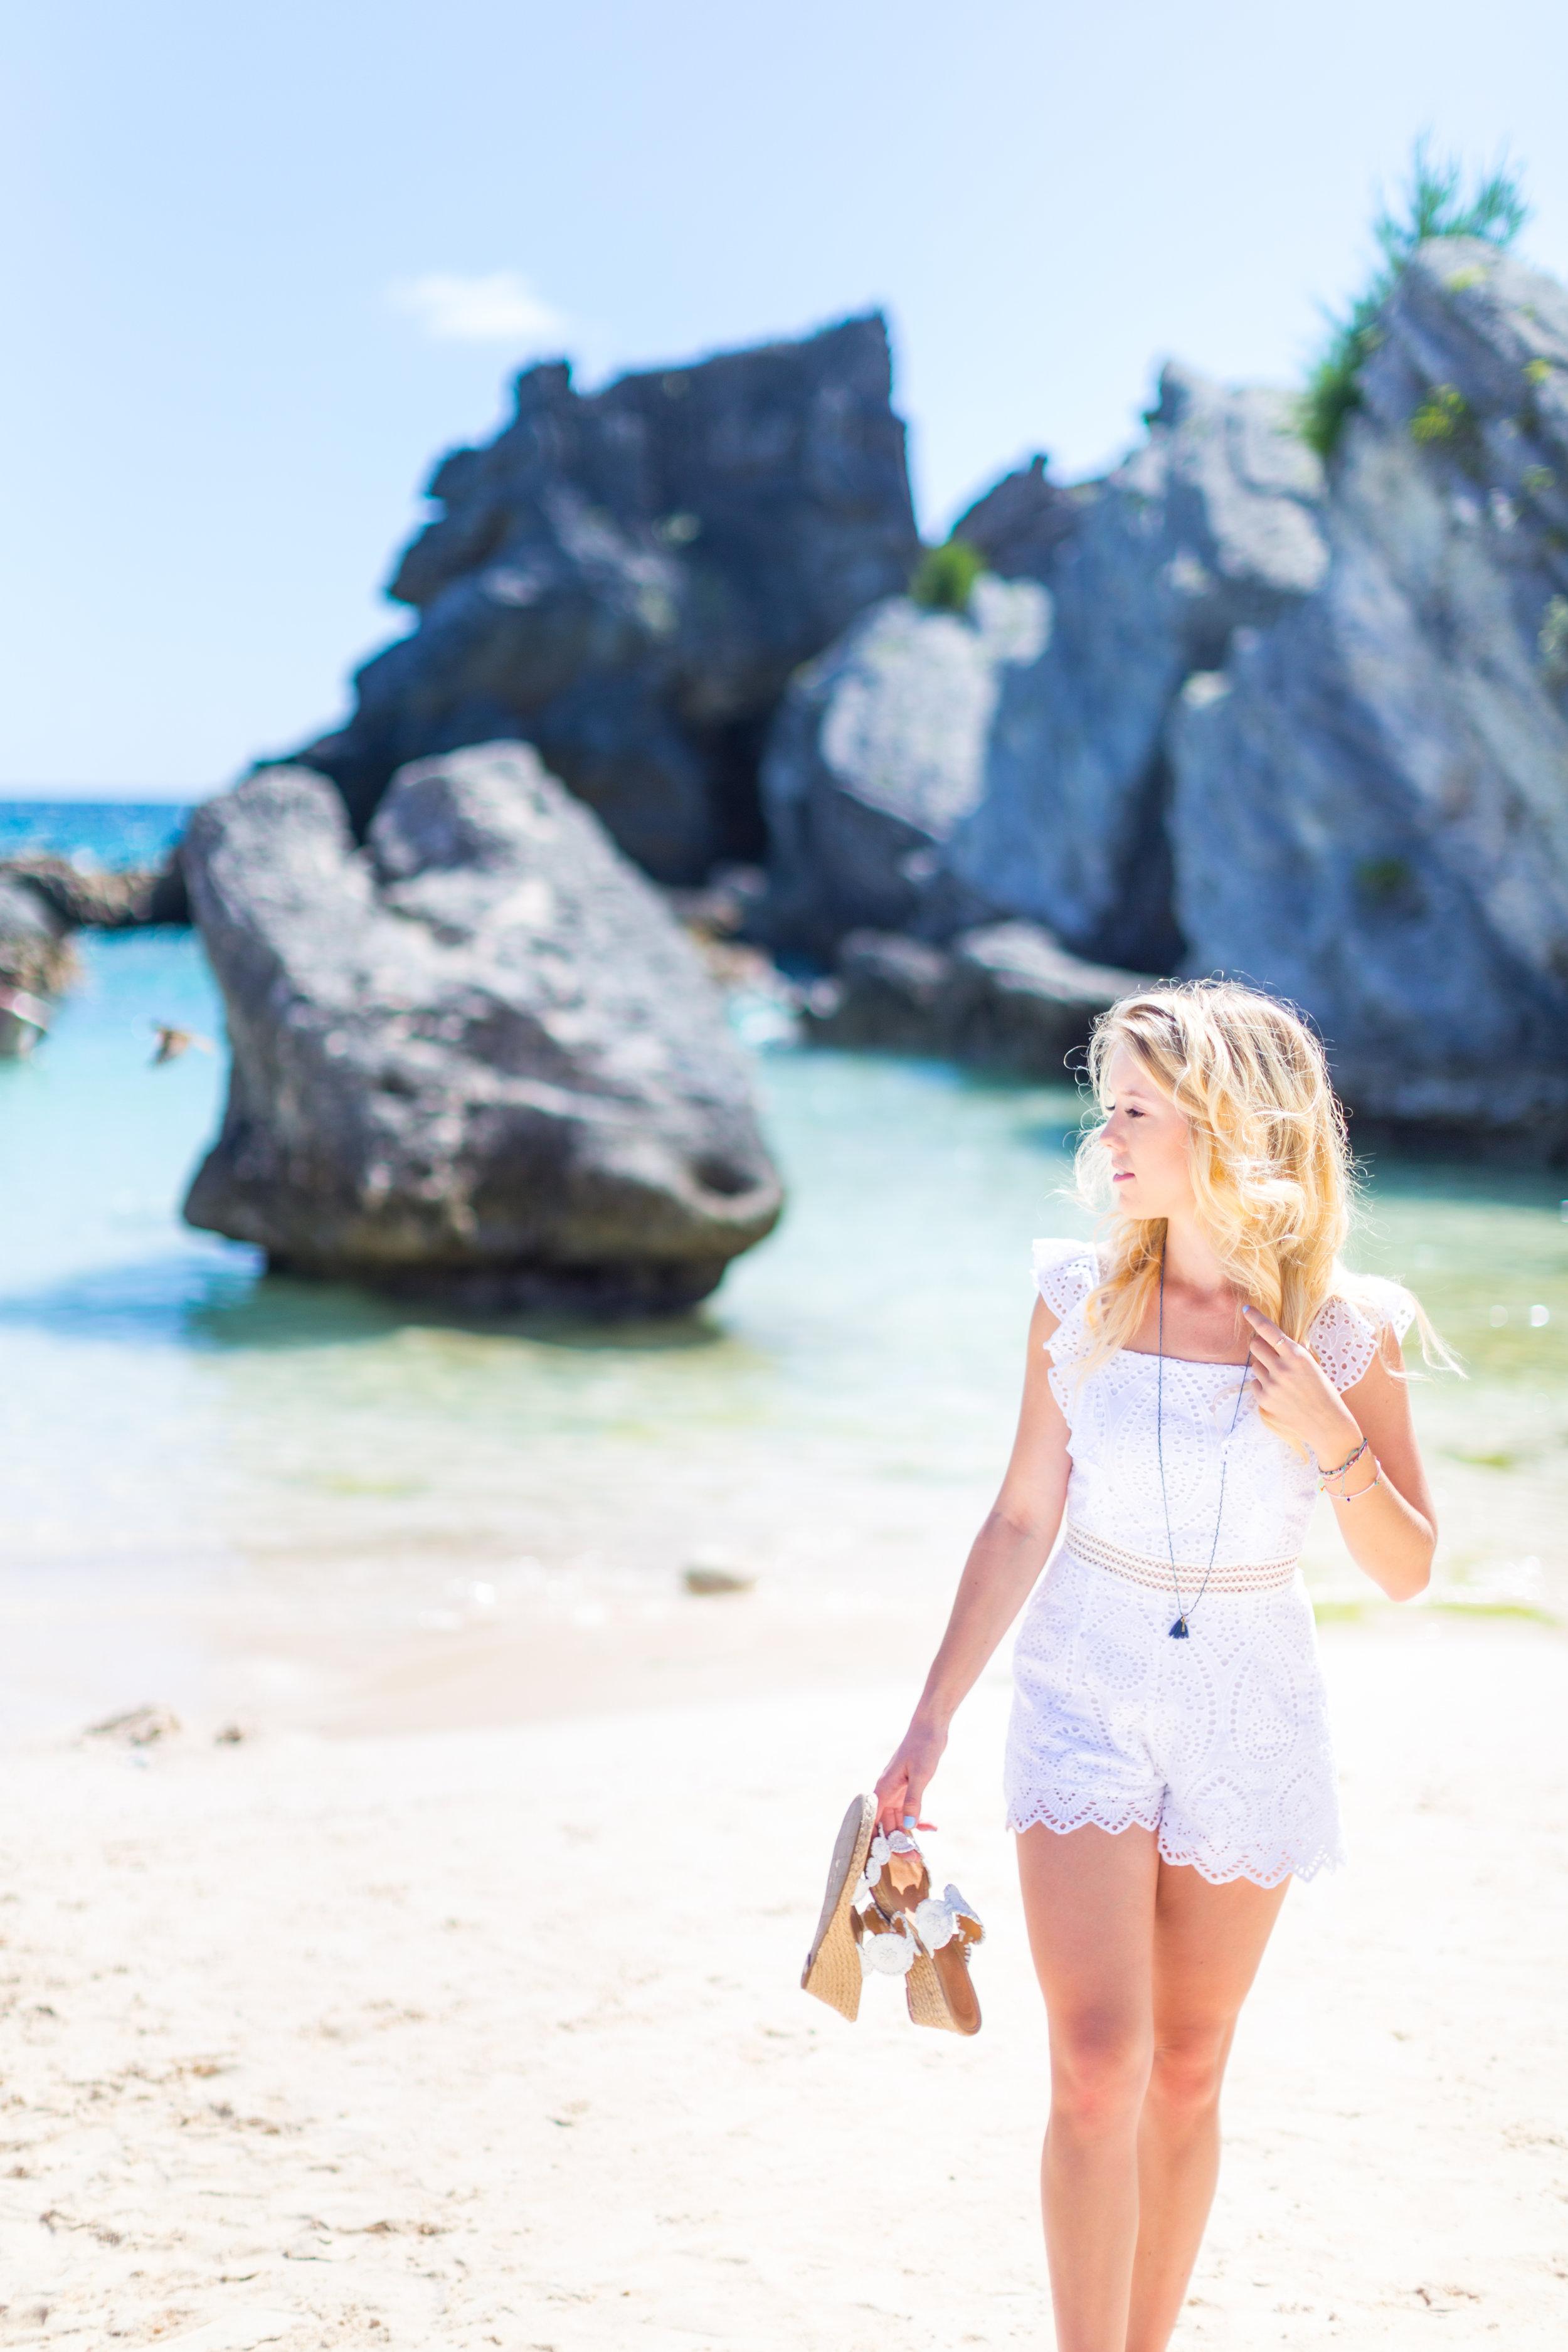 Summer Labor Day Fashion White Lace Romper Bermuda-6.jpg